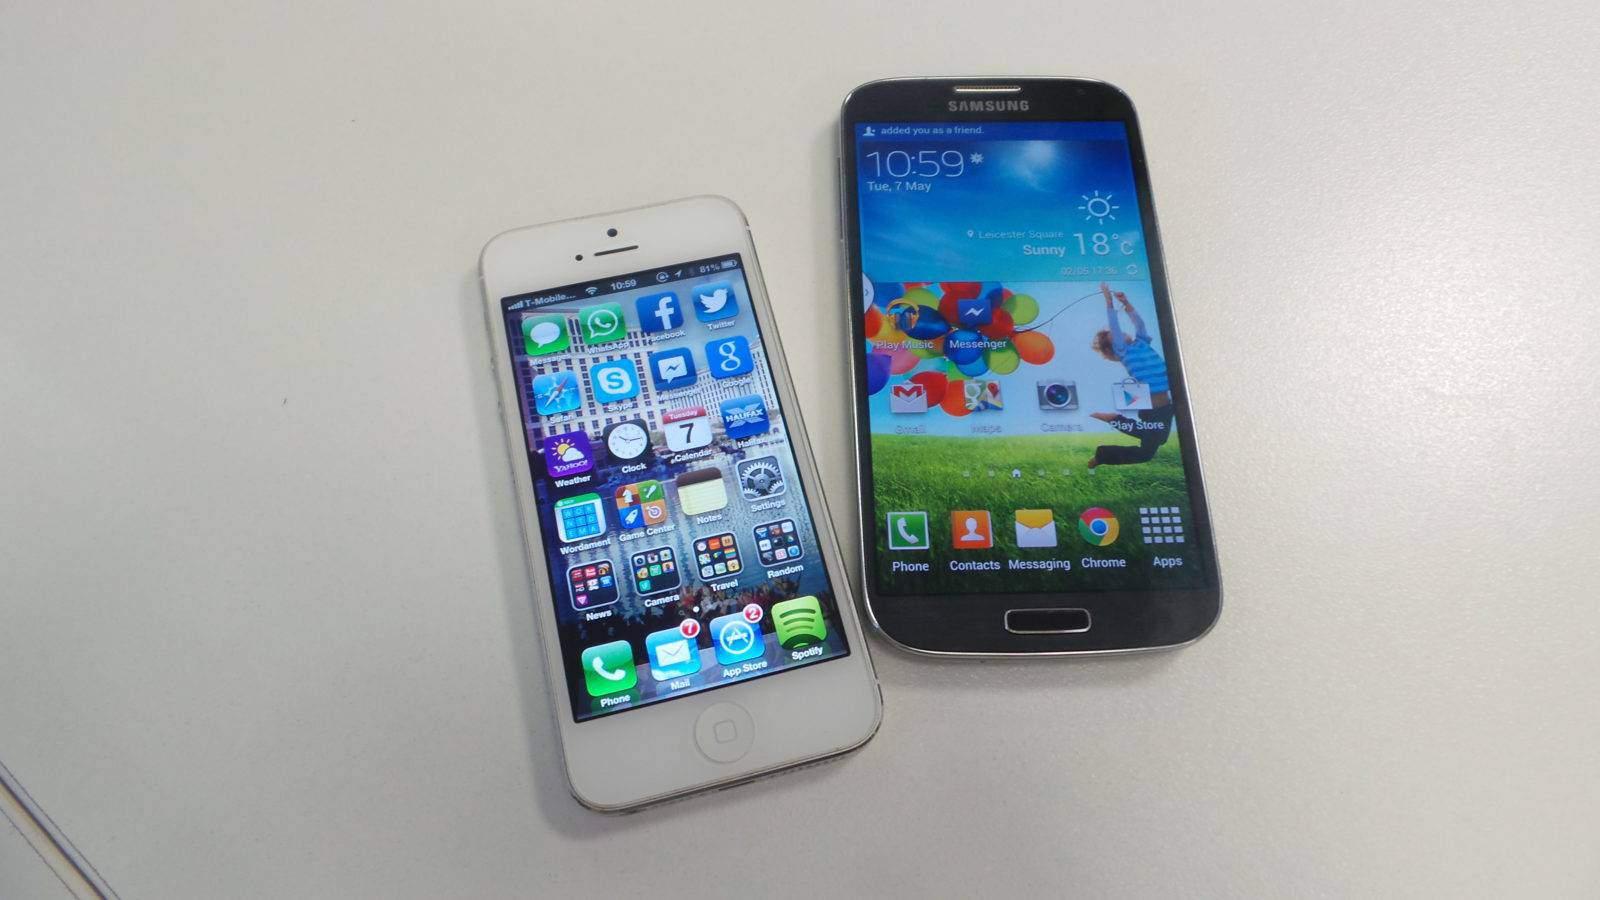 iphone-5-galaxy-s4-screen